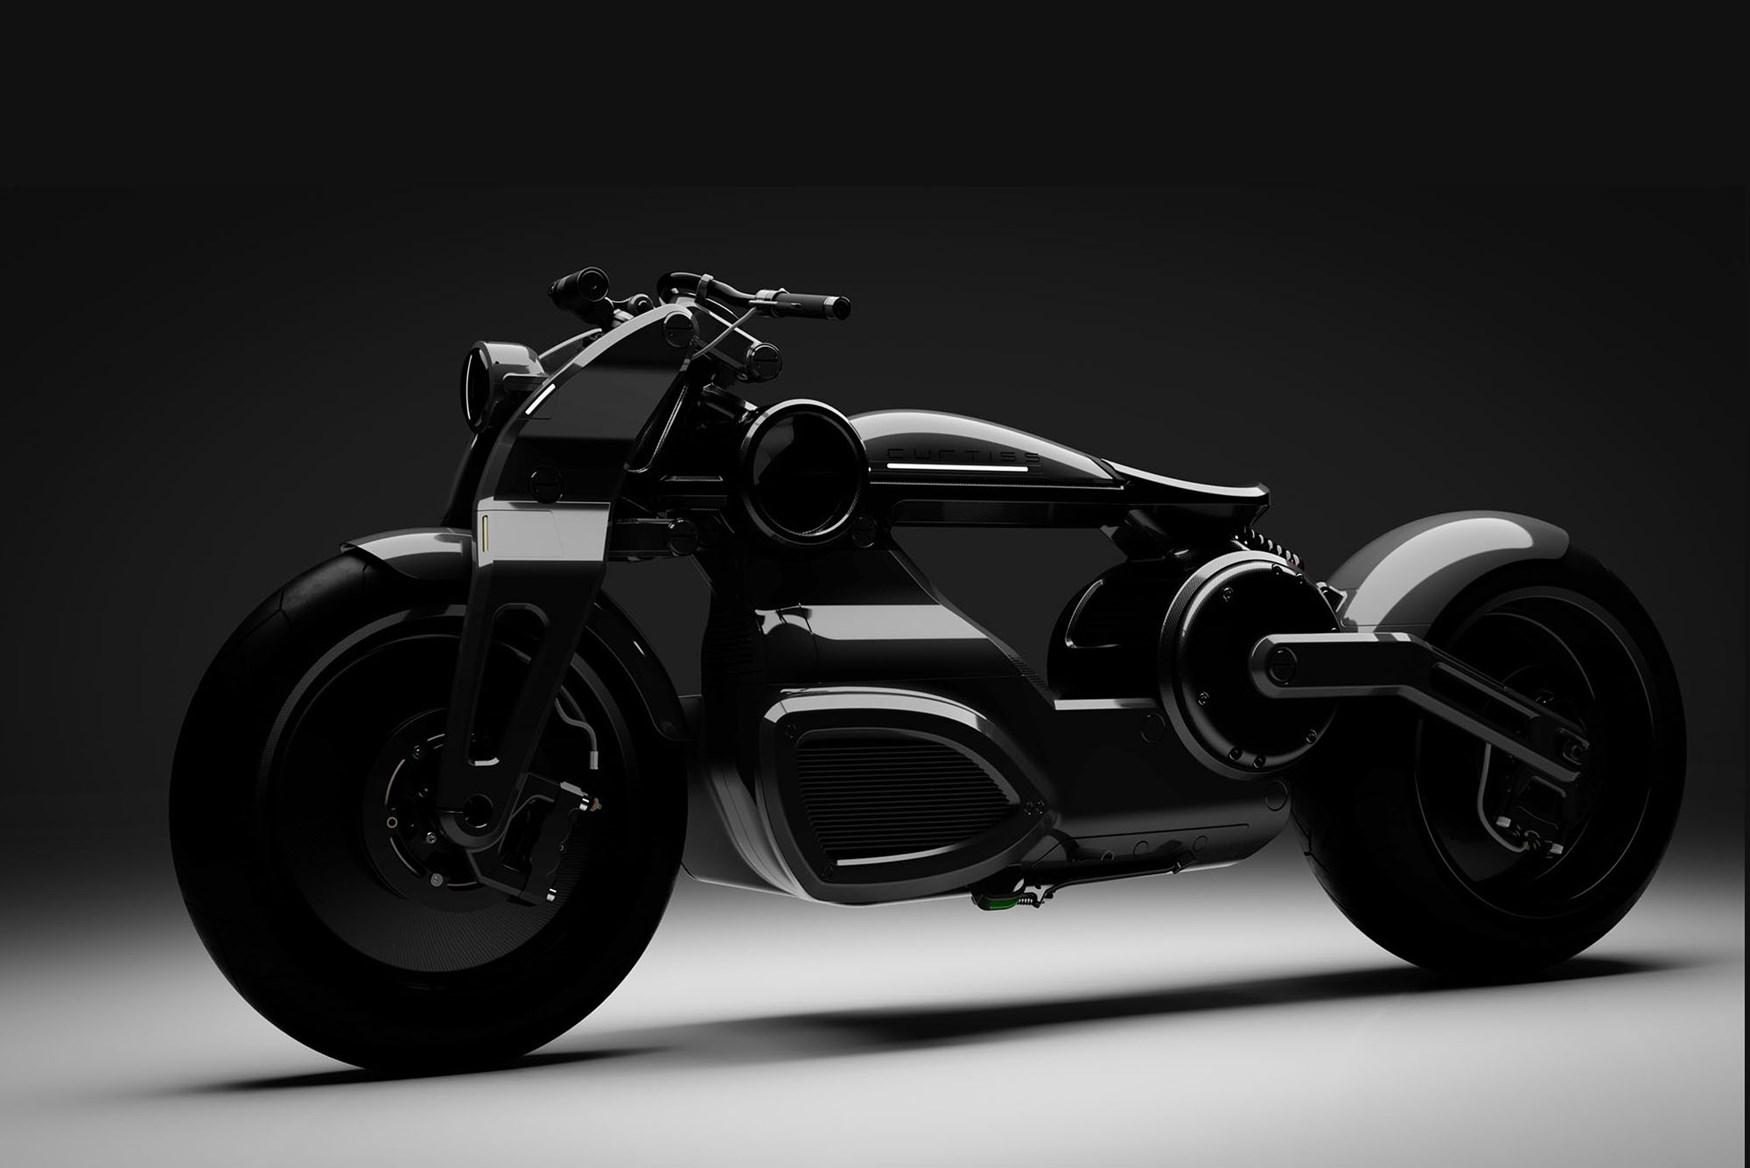 Curtiss tiếp tục chế tạo hai mẫu thiết kế xe điện hoàn toàn mới!